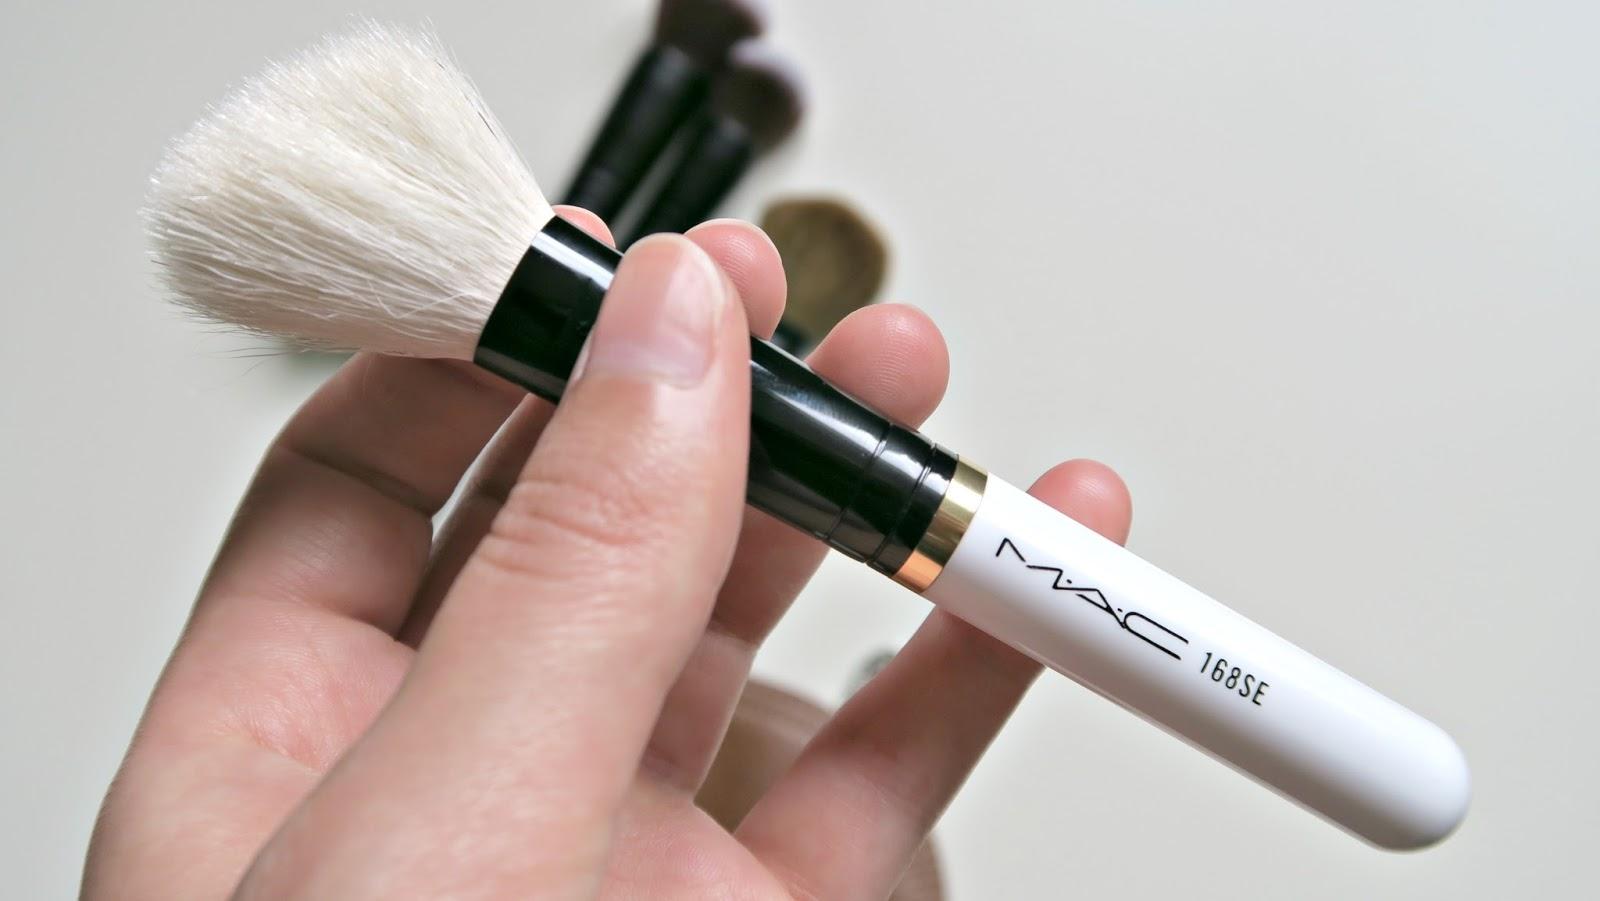 Pinceau numéro 168 SE de la marque M.A.C pour les joues en poils naturels